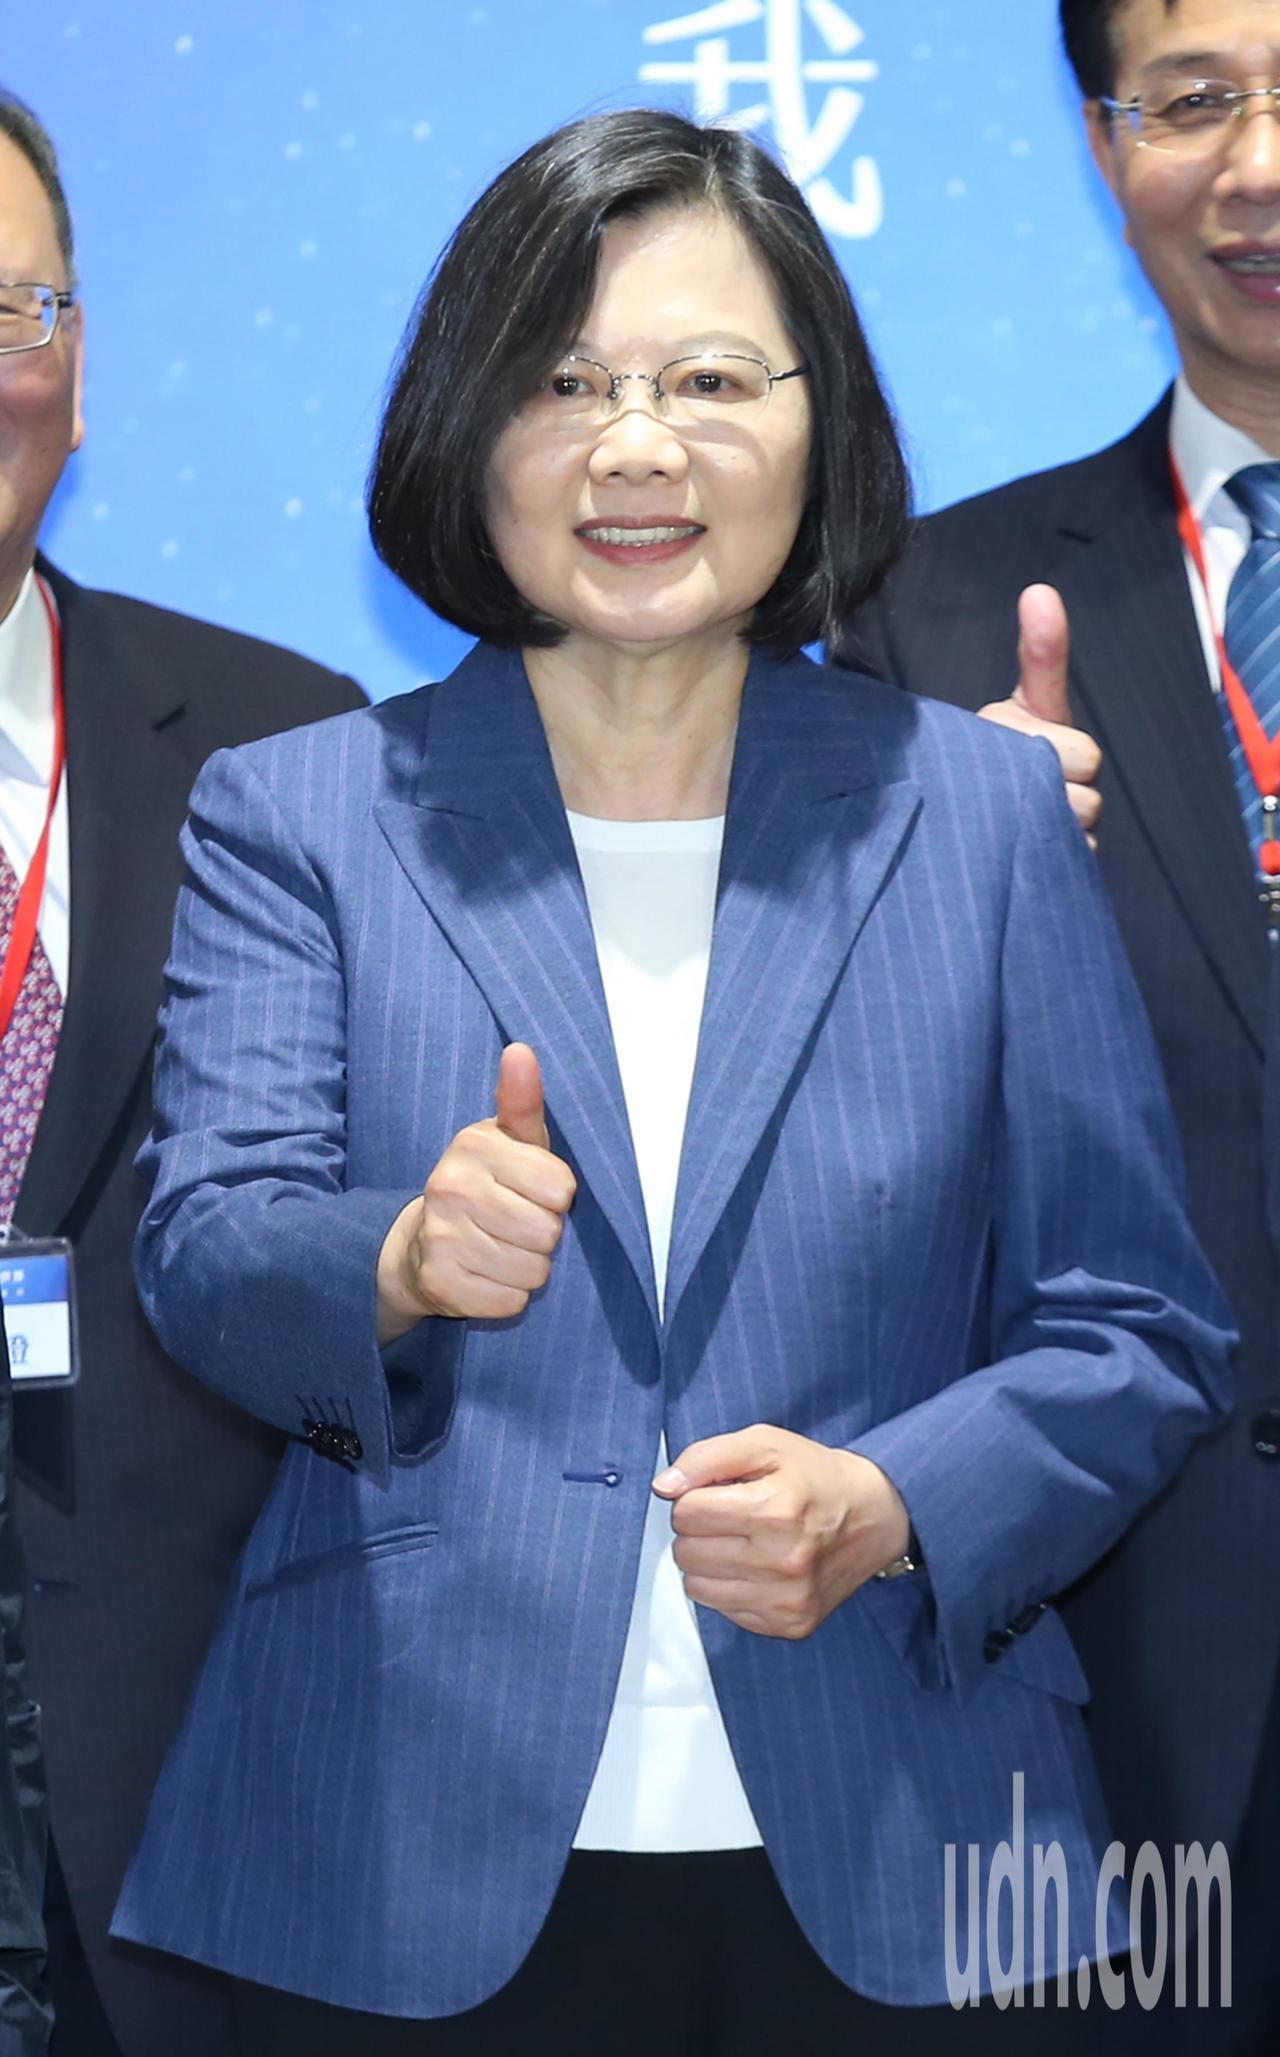 蔡英文總統下午出席「夢想啟程、勇闖世界」記者會,針對支持者給她的「辣台妹」封號,...